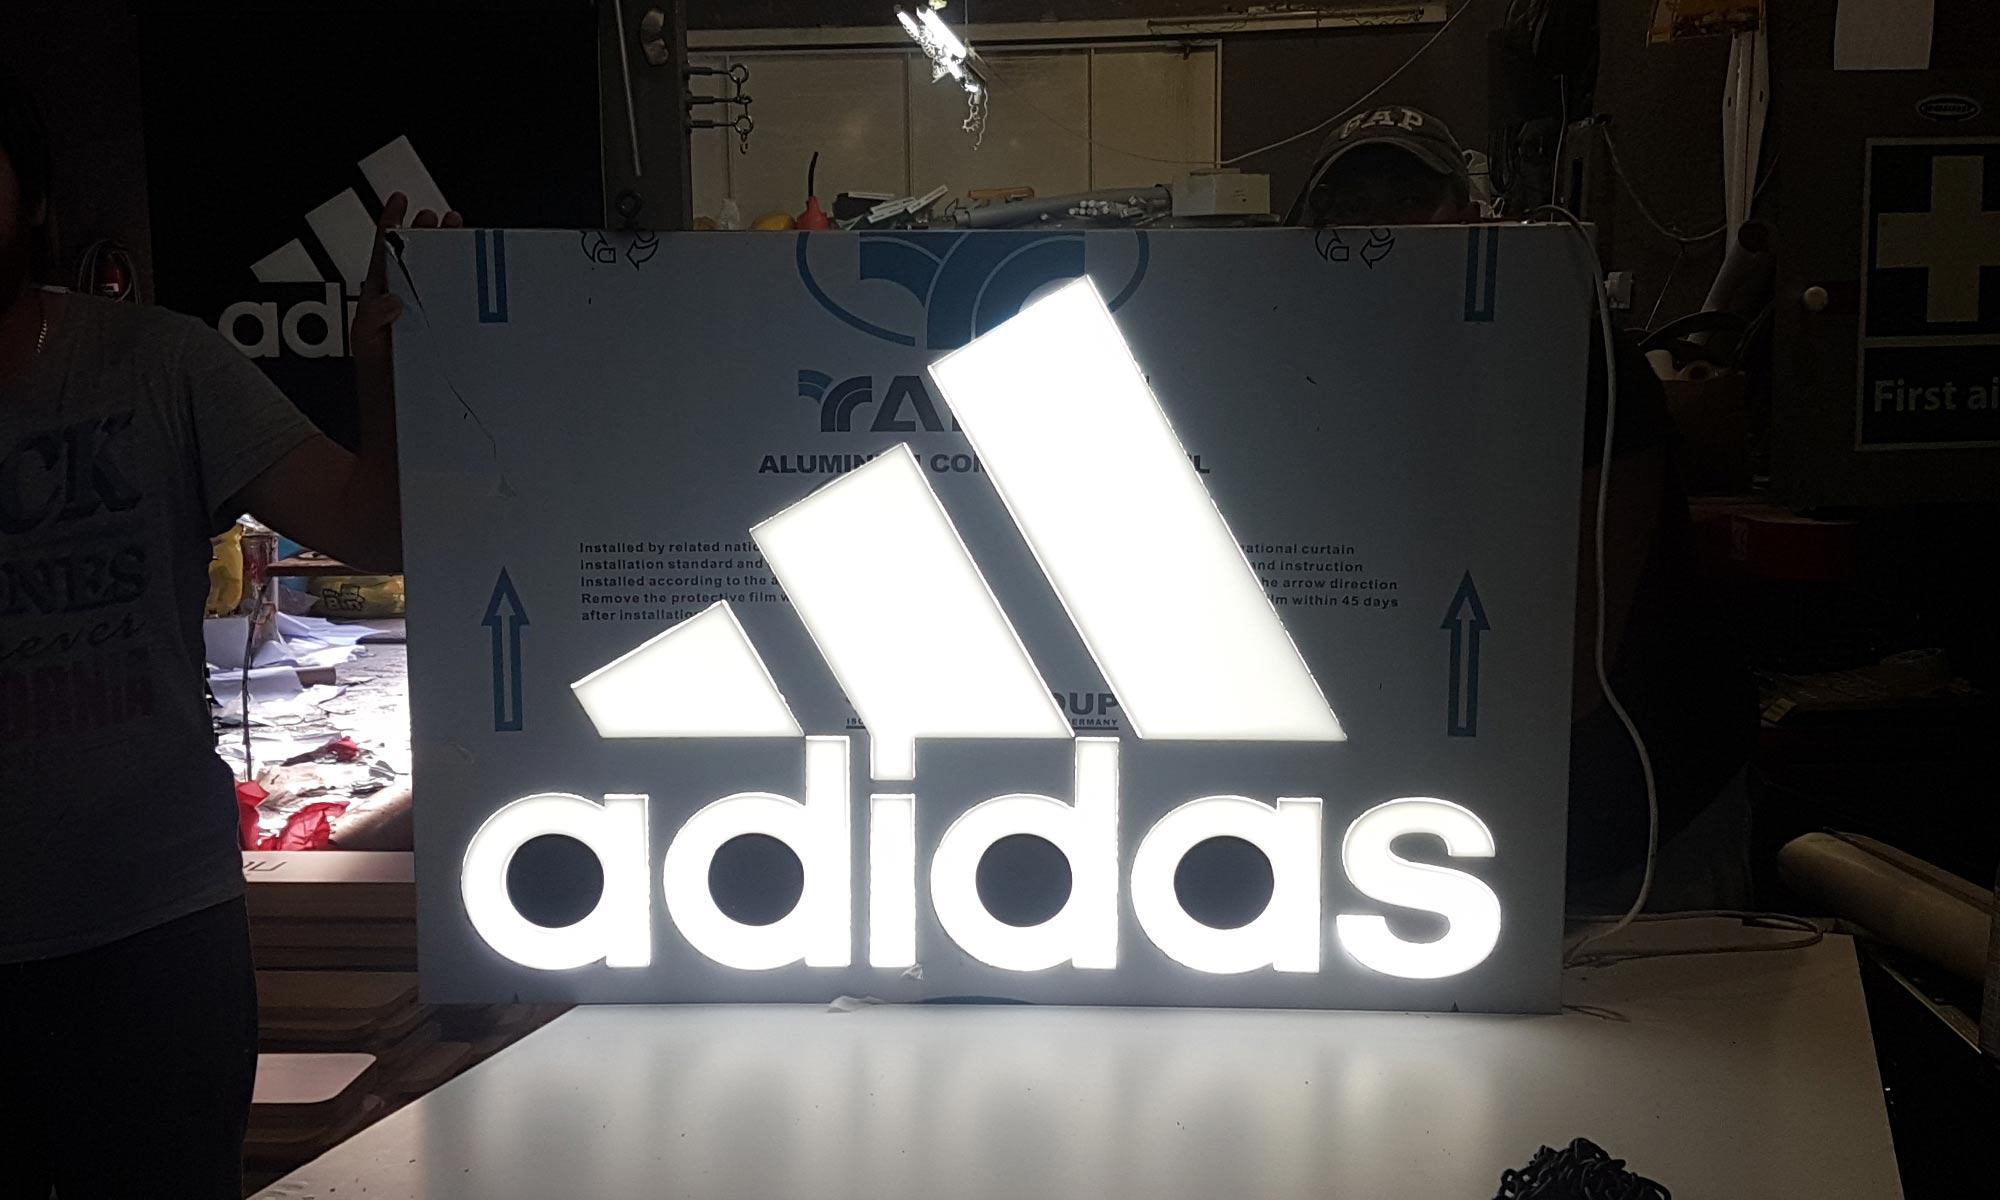 https://www.atelierzoz.com/wp-content/uploads/2020/03/works_atelierzoz_adidas-nicosia-7.jpg